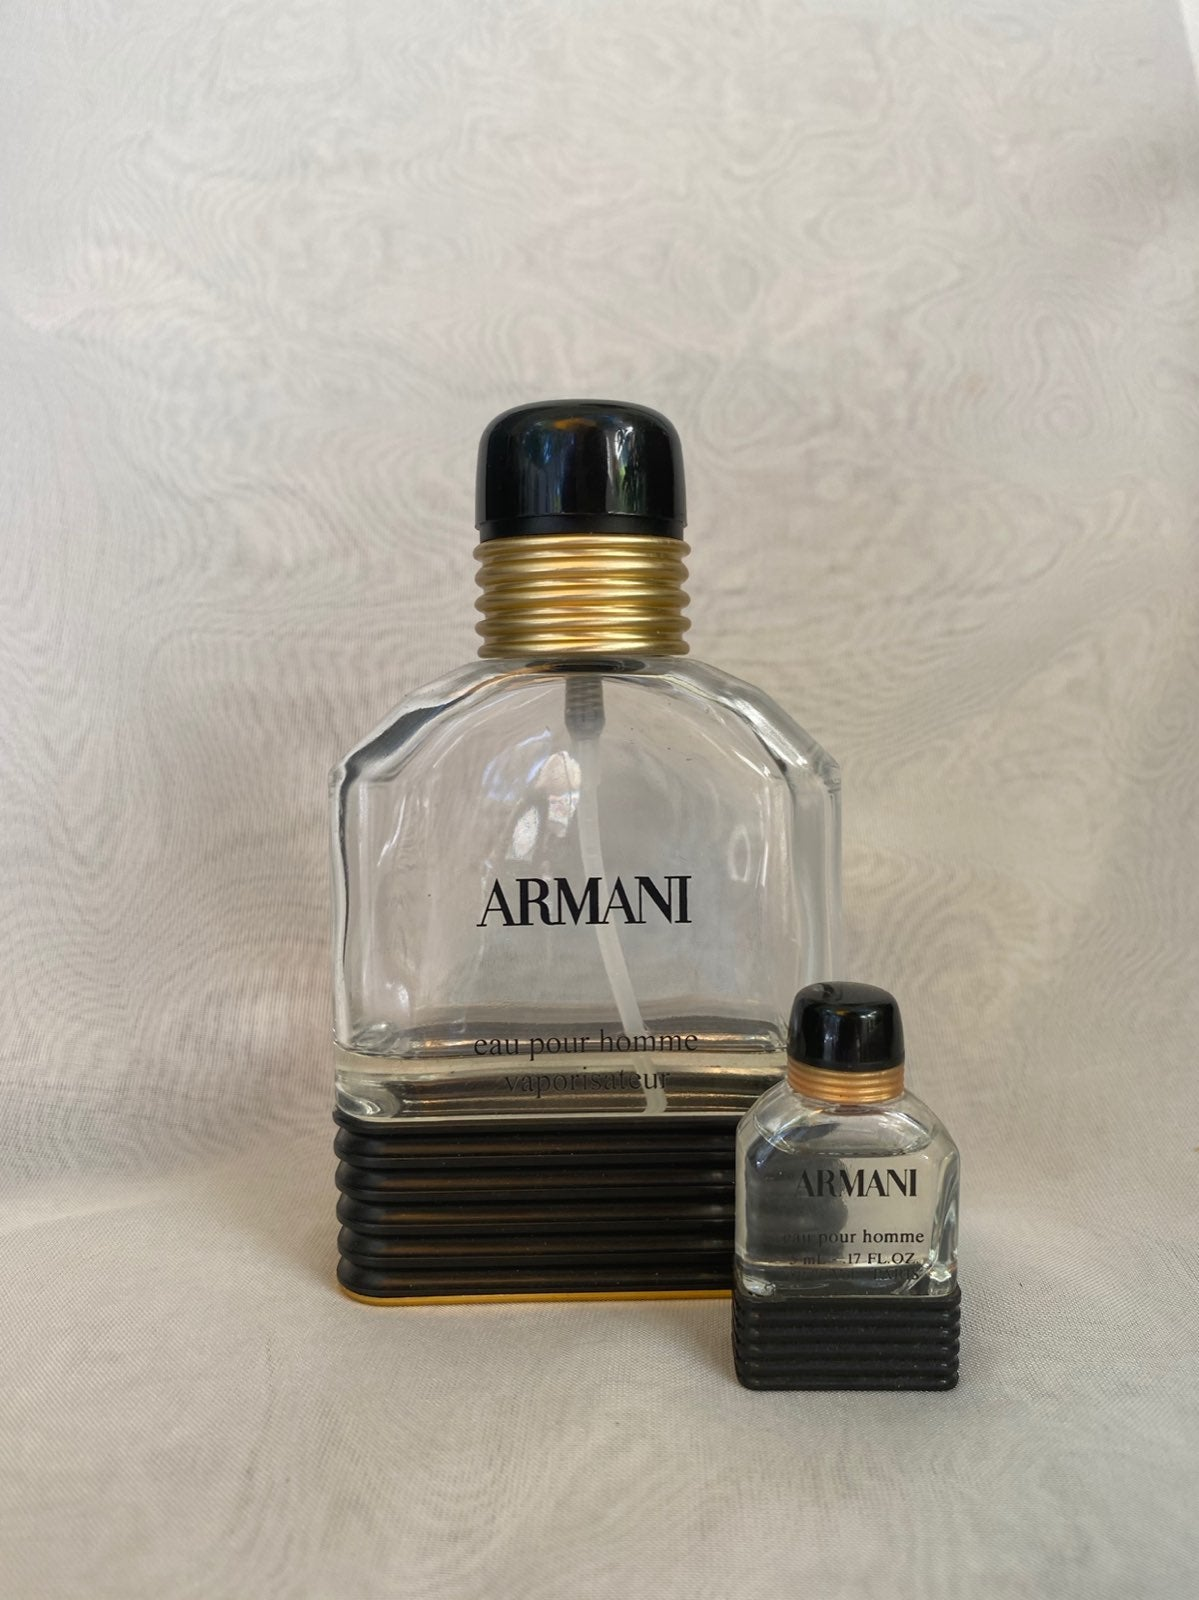 2 Vintage Armani Eau Pour Homme Colognes